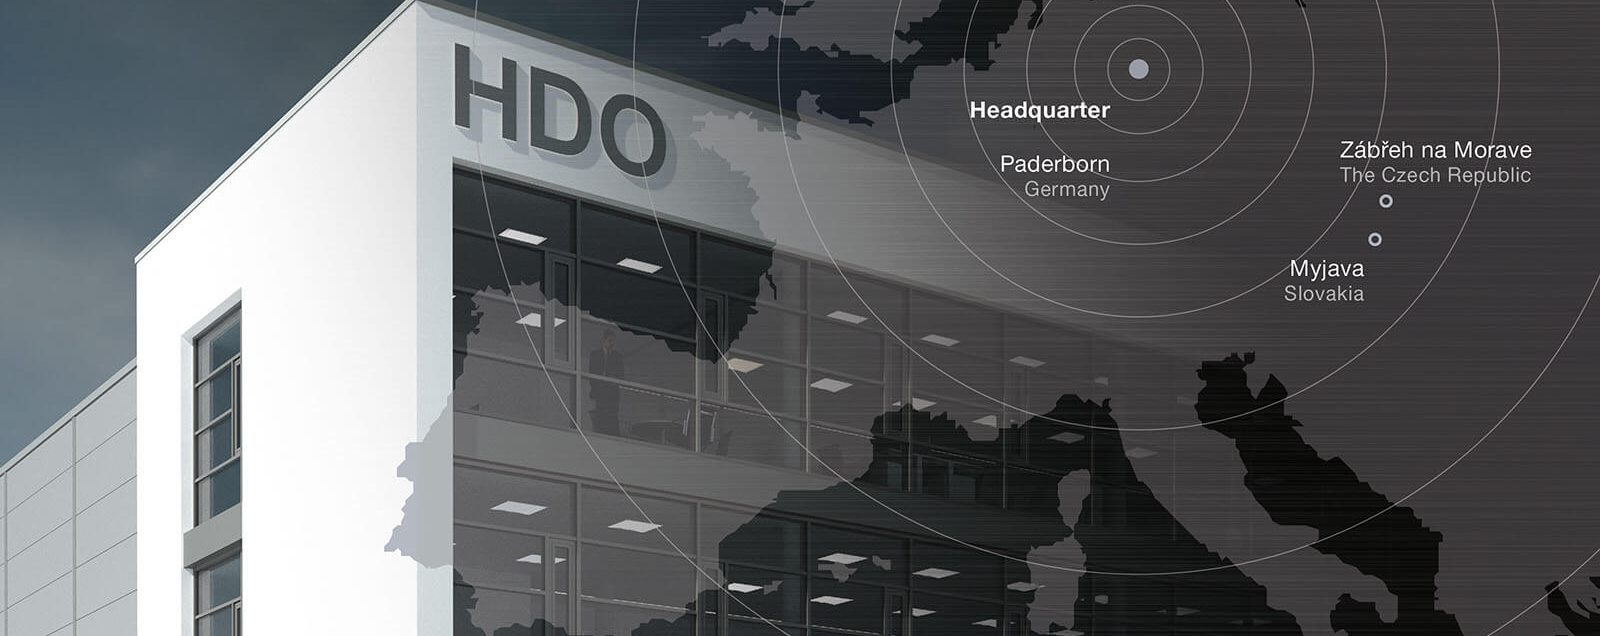 https://hdo-gmbh.com/wp-content/uploads/HDO_images_1600x800__0042_HDO_HDOGruppe_Standorte-e1542018252450.jpg